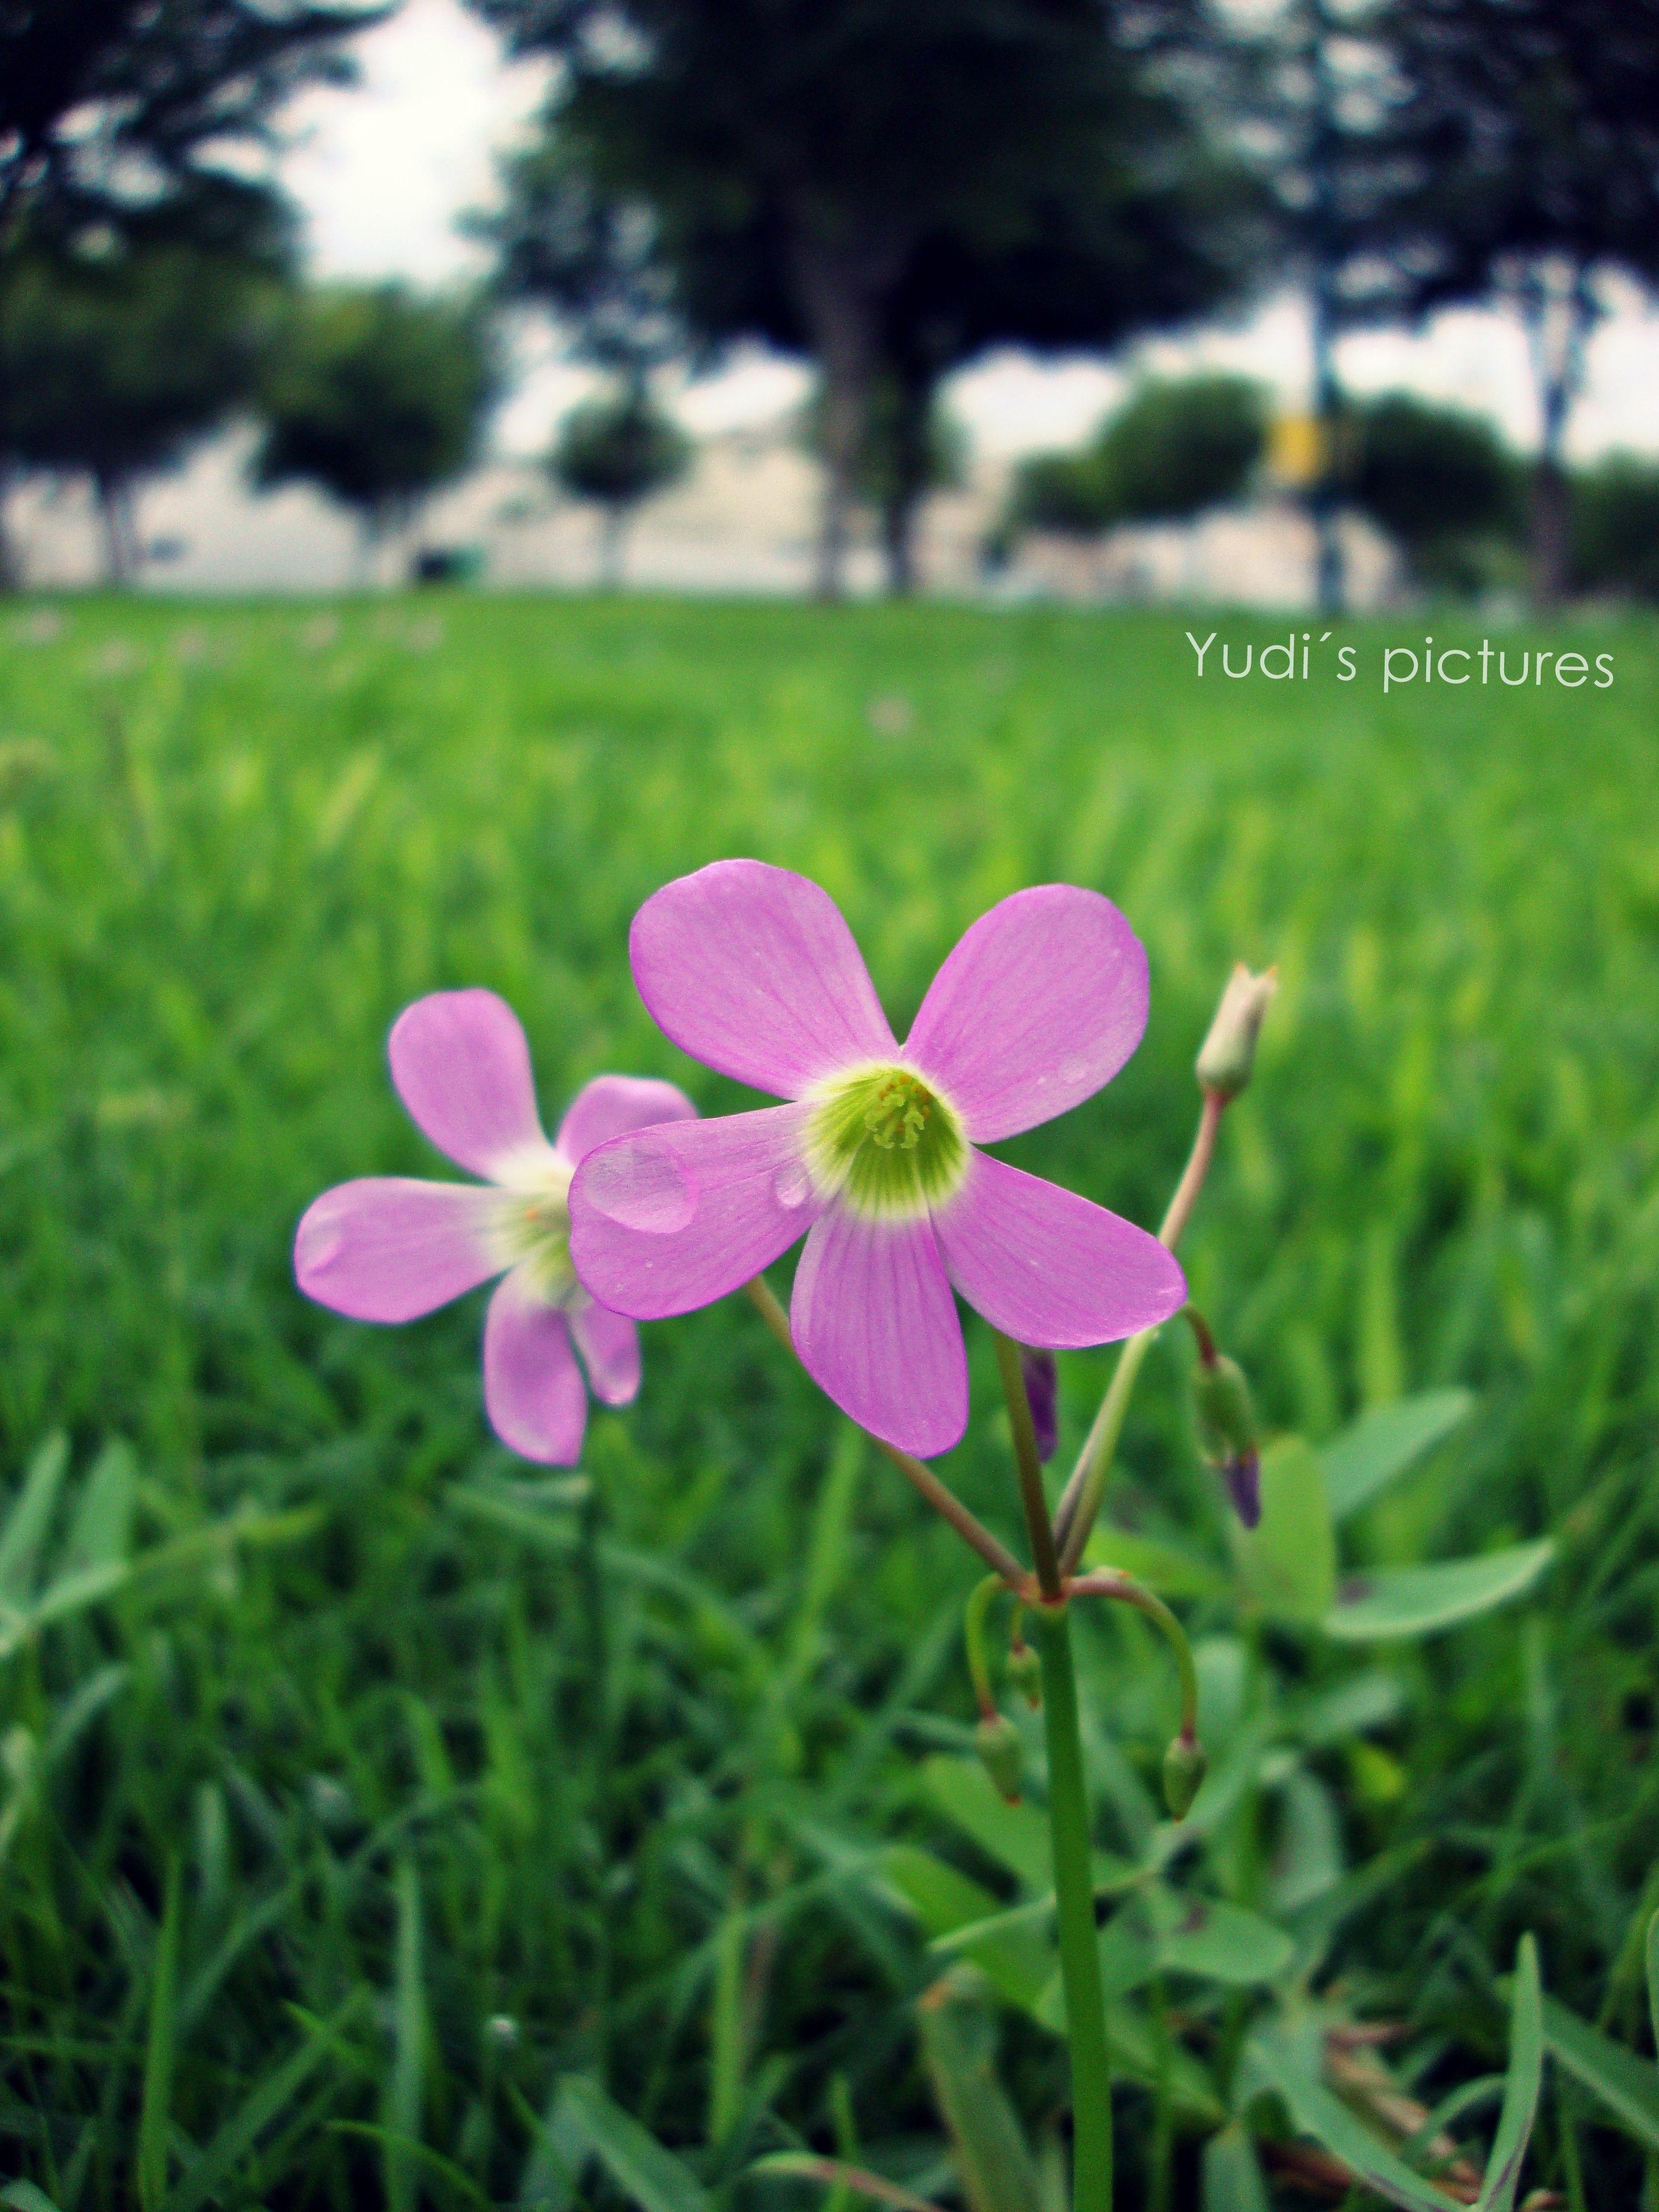 La naturaleza... el amor de Dios alrededor nuestro...